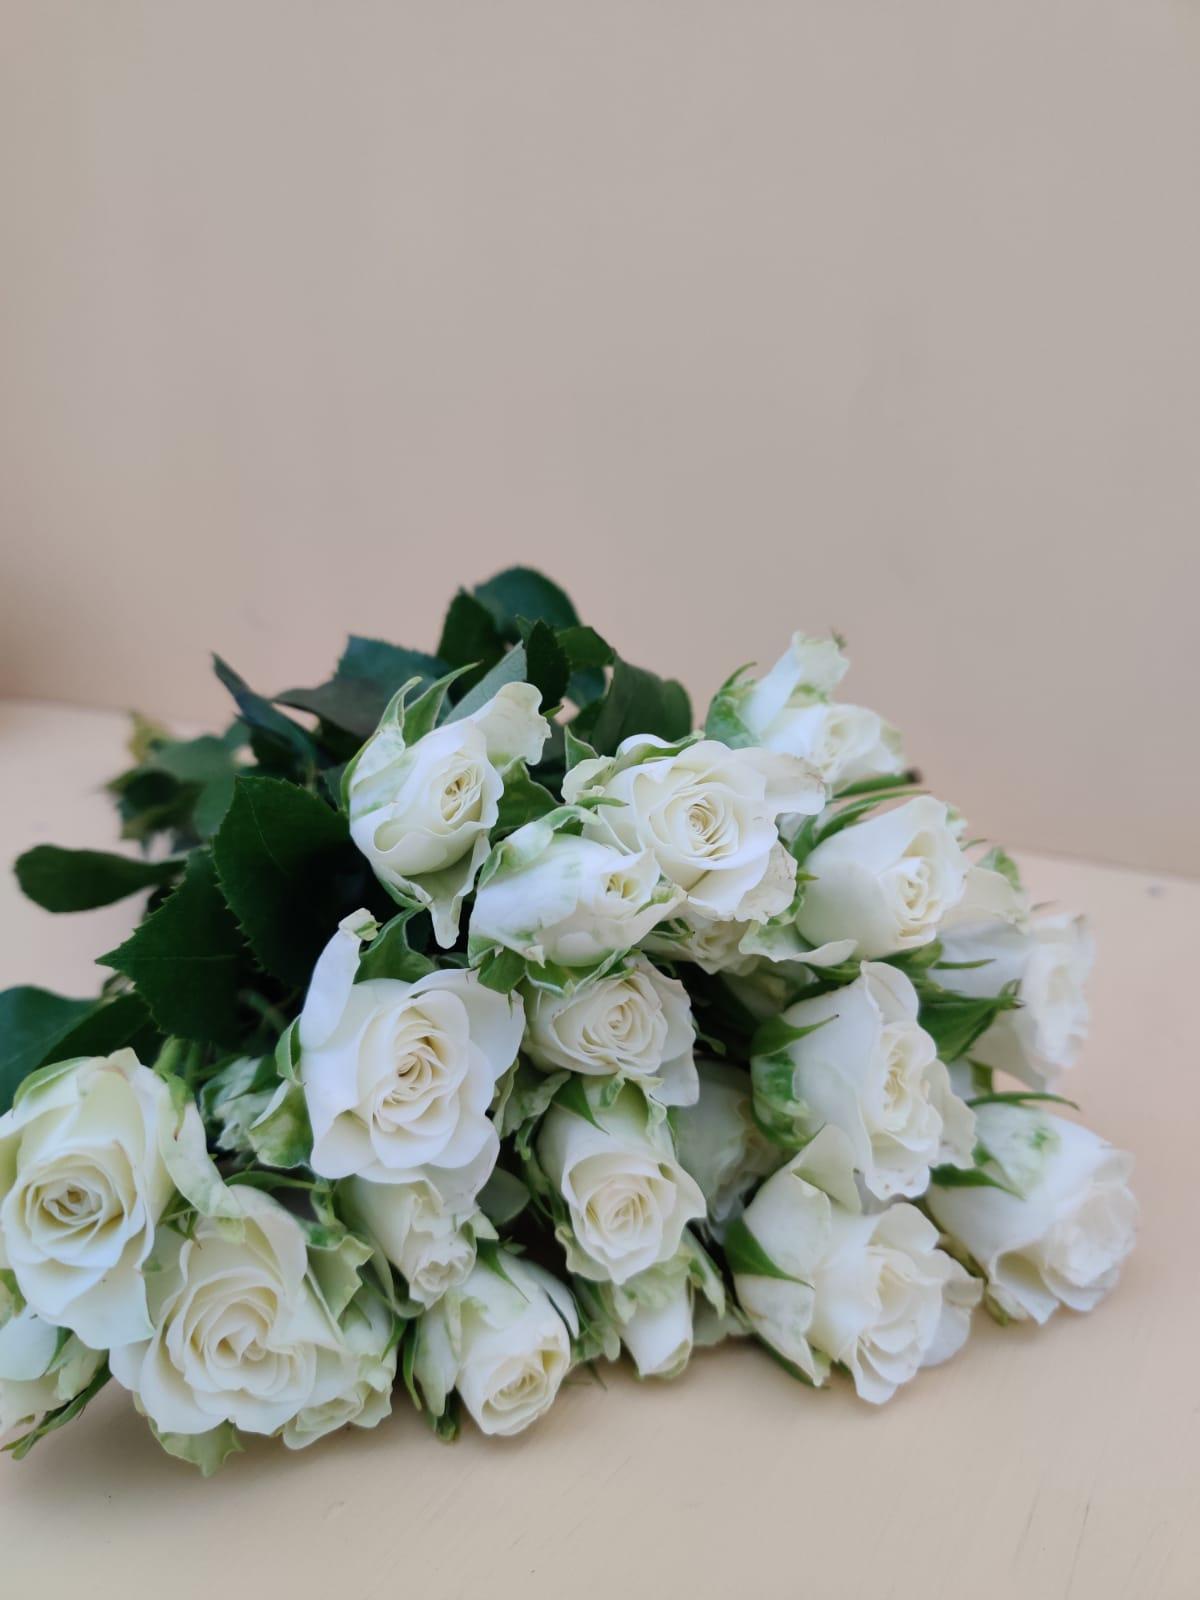 سبراي روز - أبيض  الزهور بالجملة زهور مقطوفة